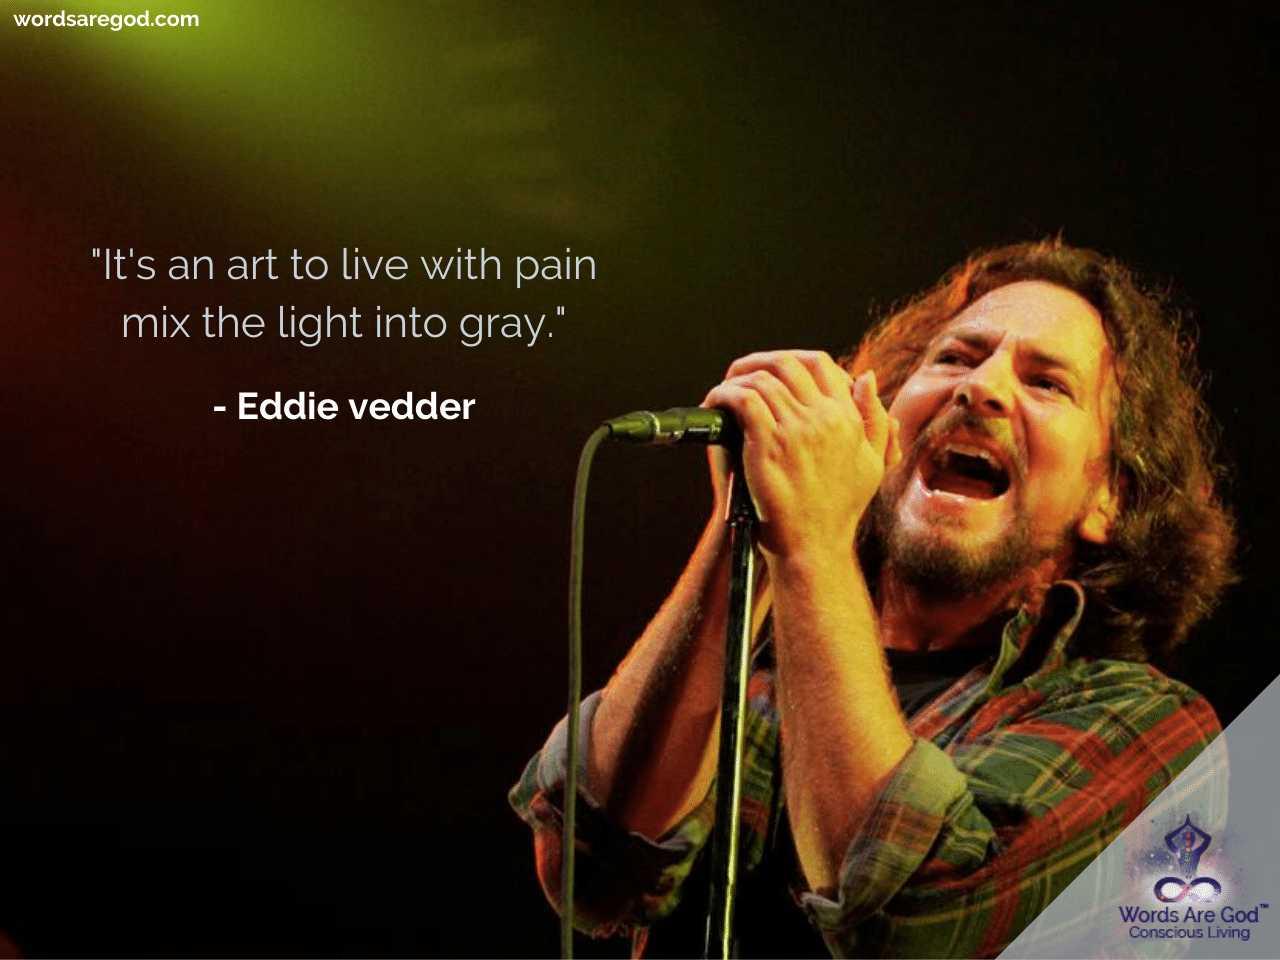 Eddie vedder Best Quote